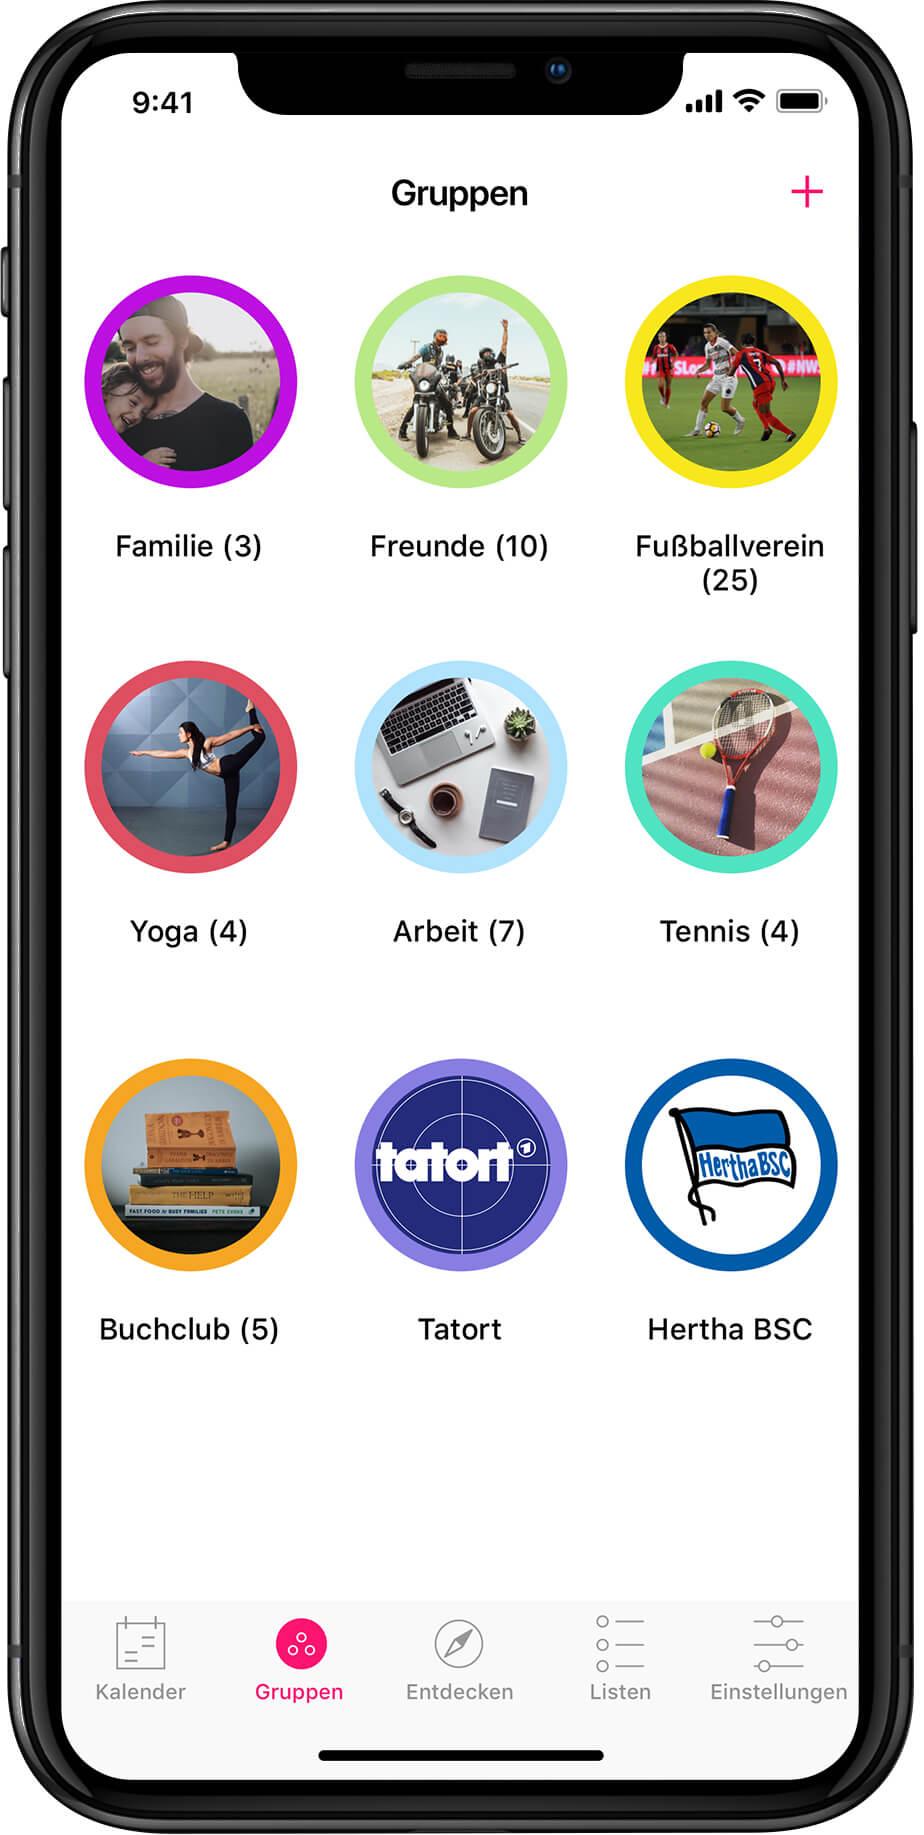 Gruppen-DE-iPhoneX.jpg